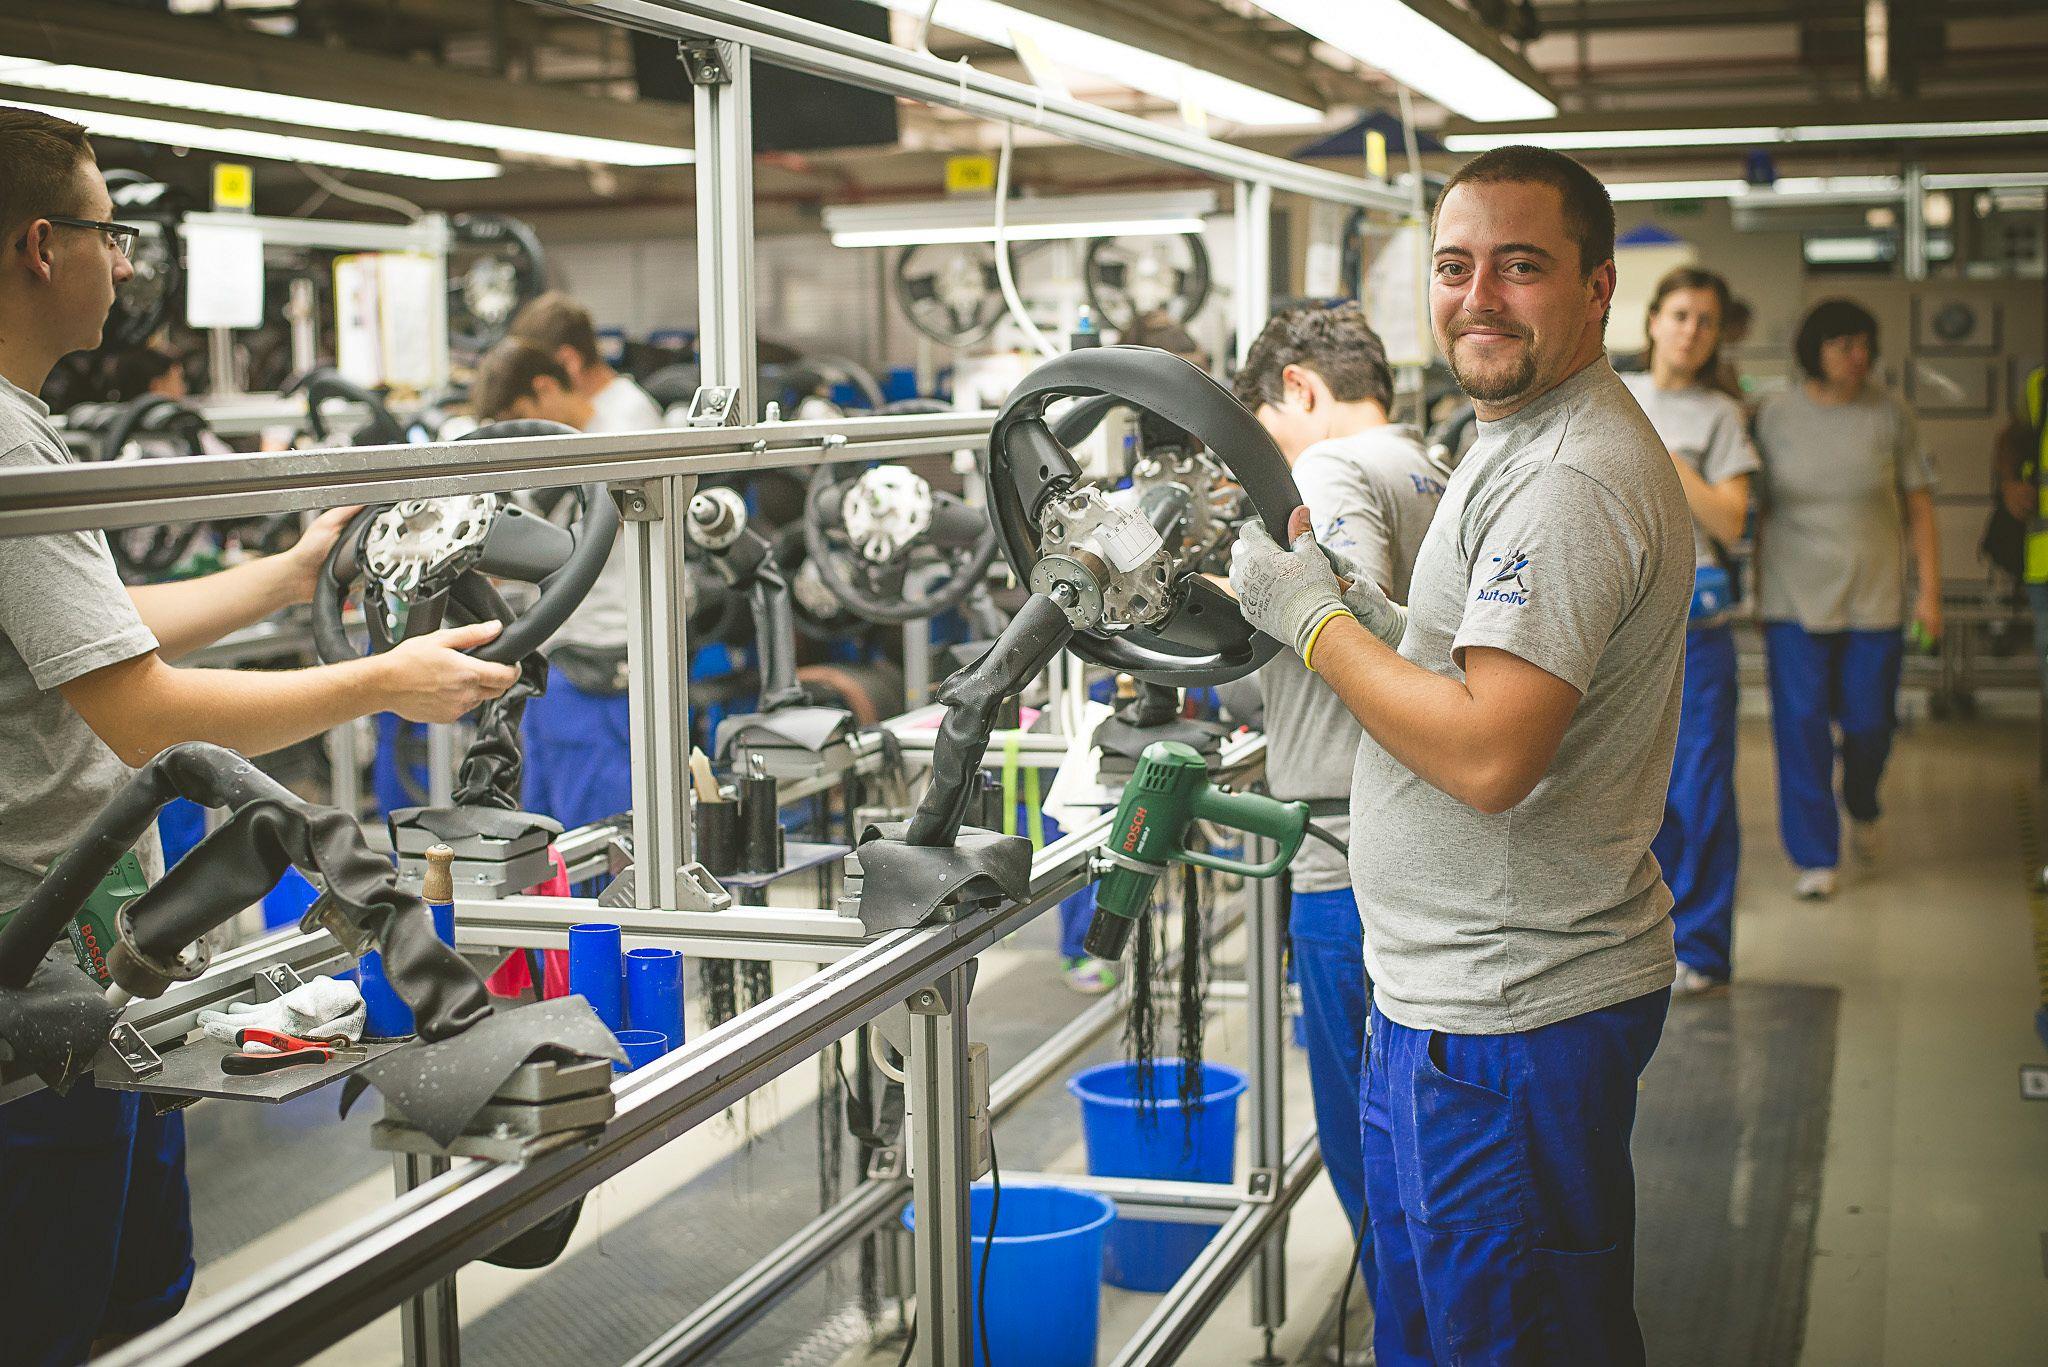 autoliv australia Autoliv's global engineering usa detroit ogden france gournay pont-de- buis cergy-pontoise germany elmshorn dachau australia melbourne spain.